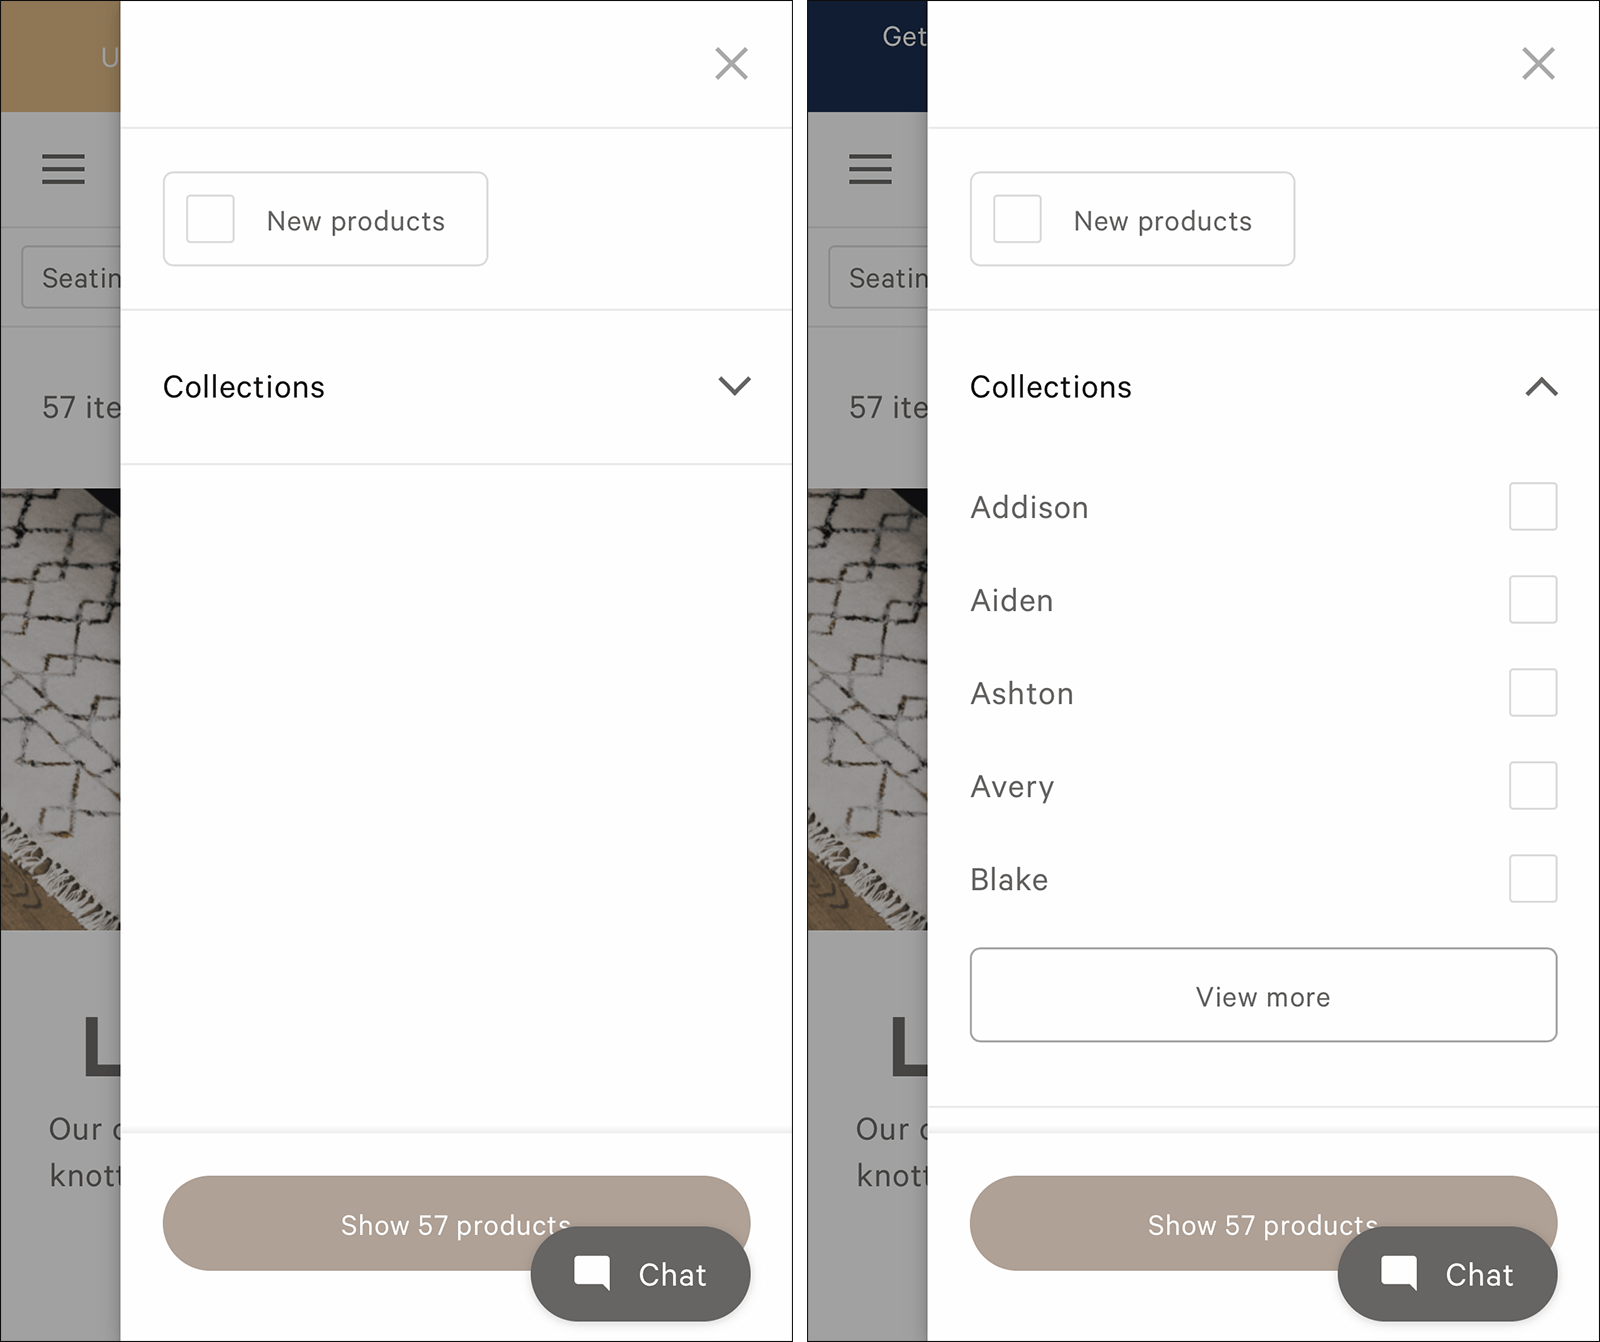 2个截图地毯鞋底过滤选项:左图像表示仅存在1类别滤波器,并且示出了收集过滤器的右图像扩大到查看无意义的名称。